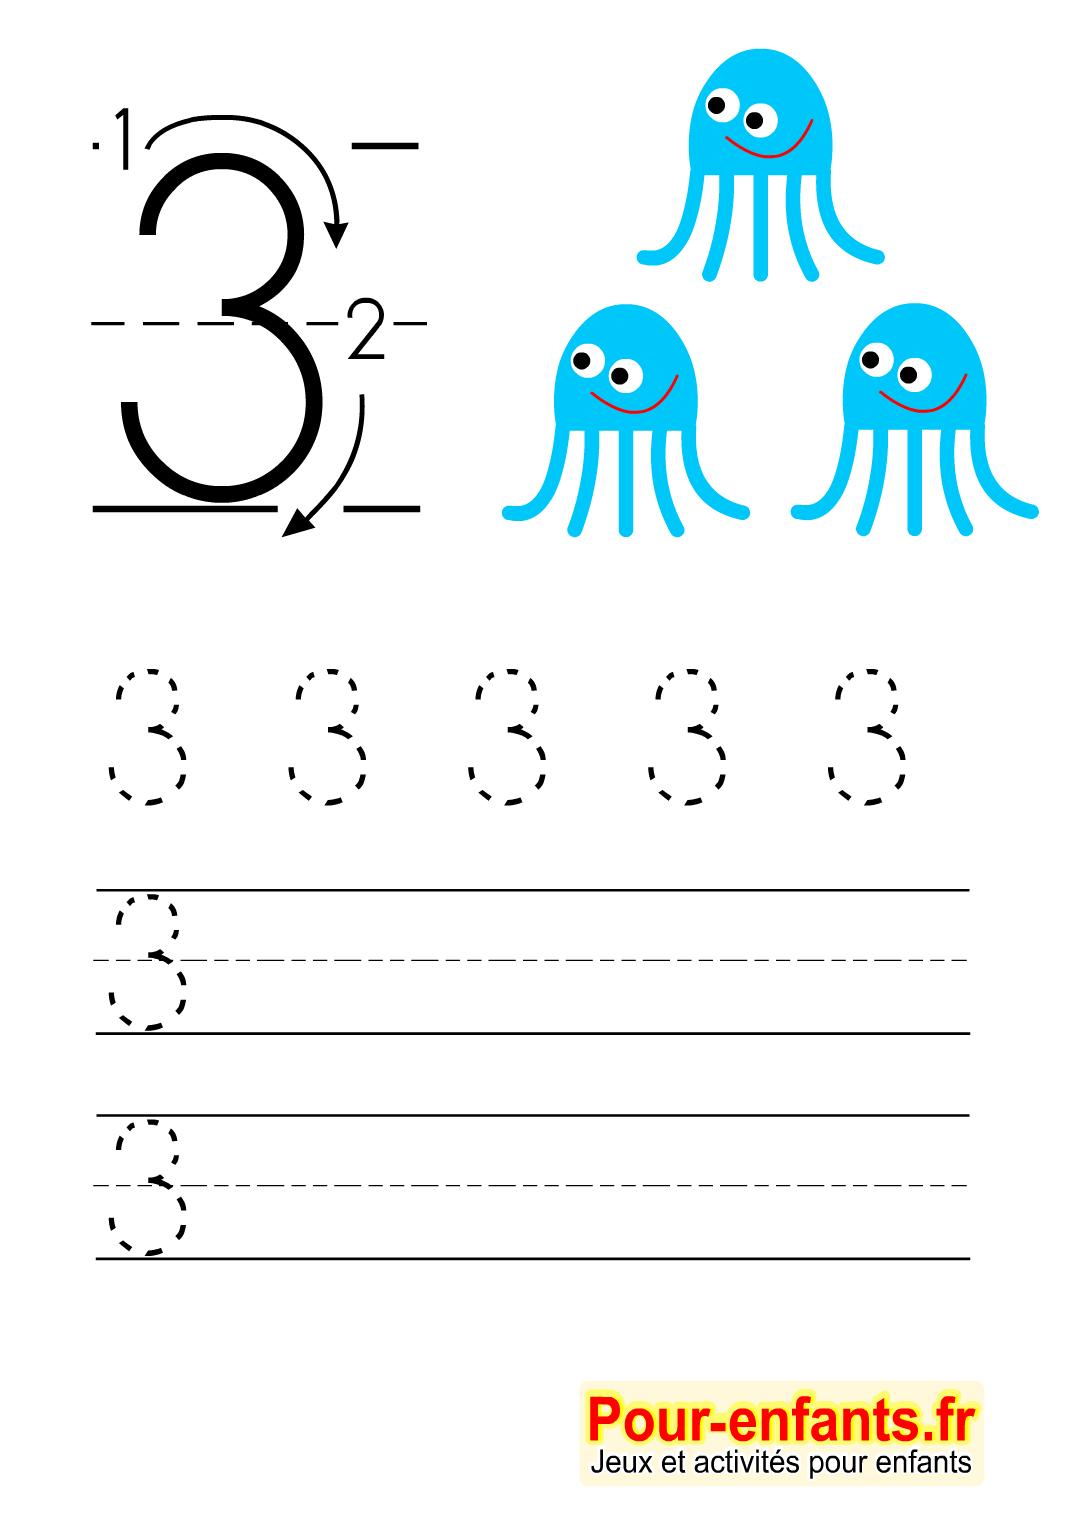 Imprimer Ecrire Les Chiffres En Maternelle| Apprendre pour Apprendre A Ecrire Les Chiffres